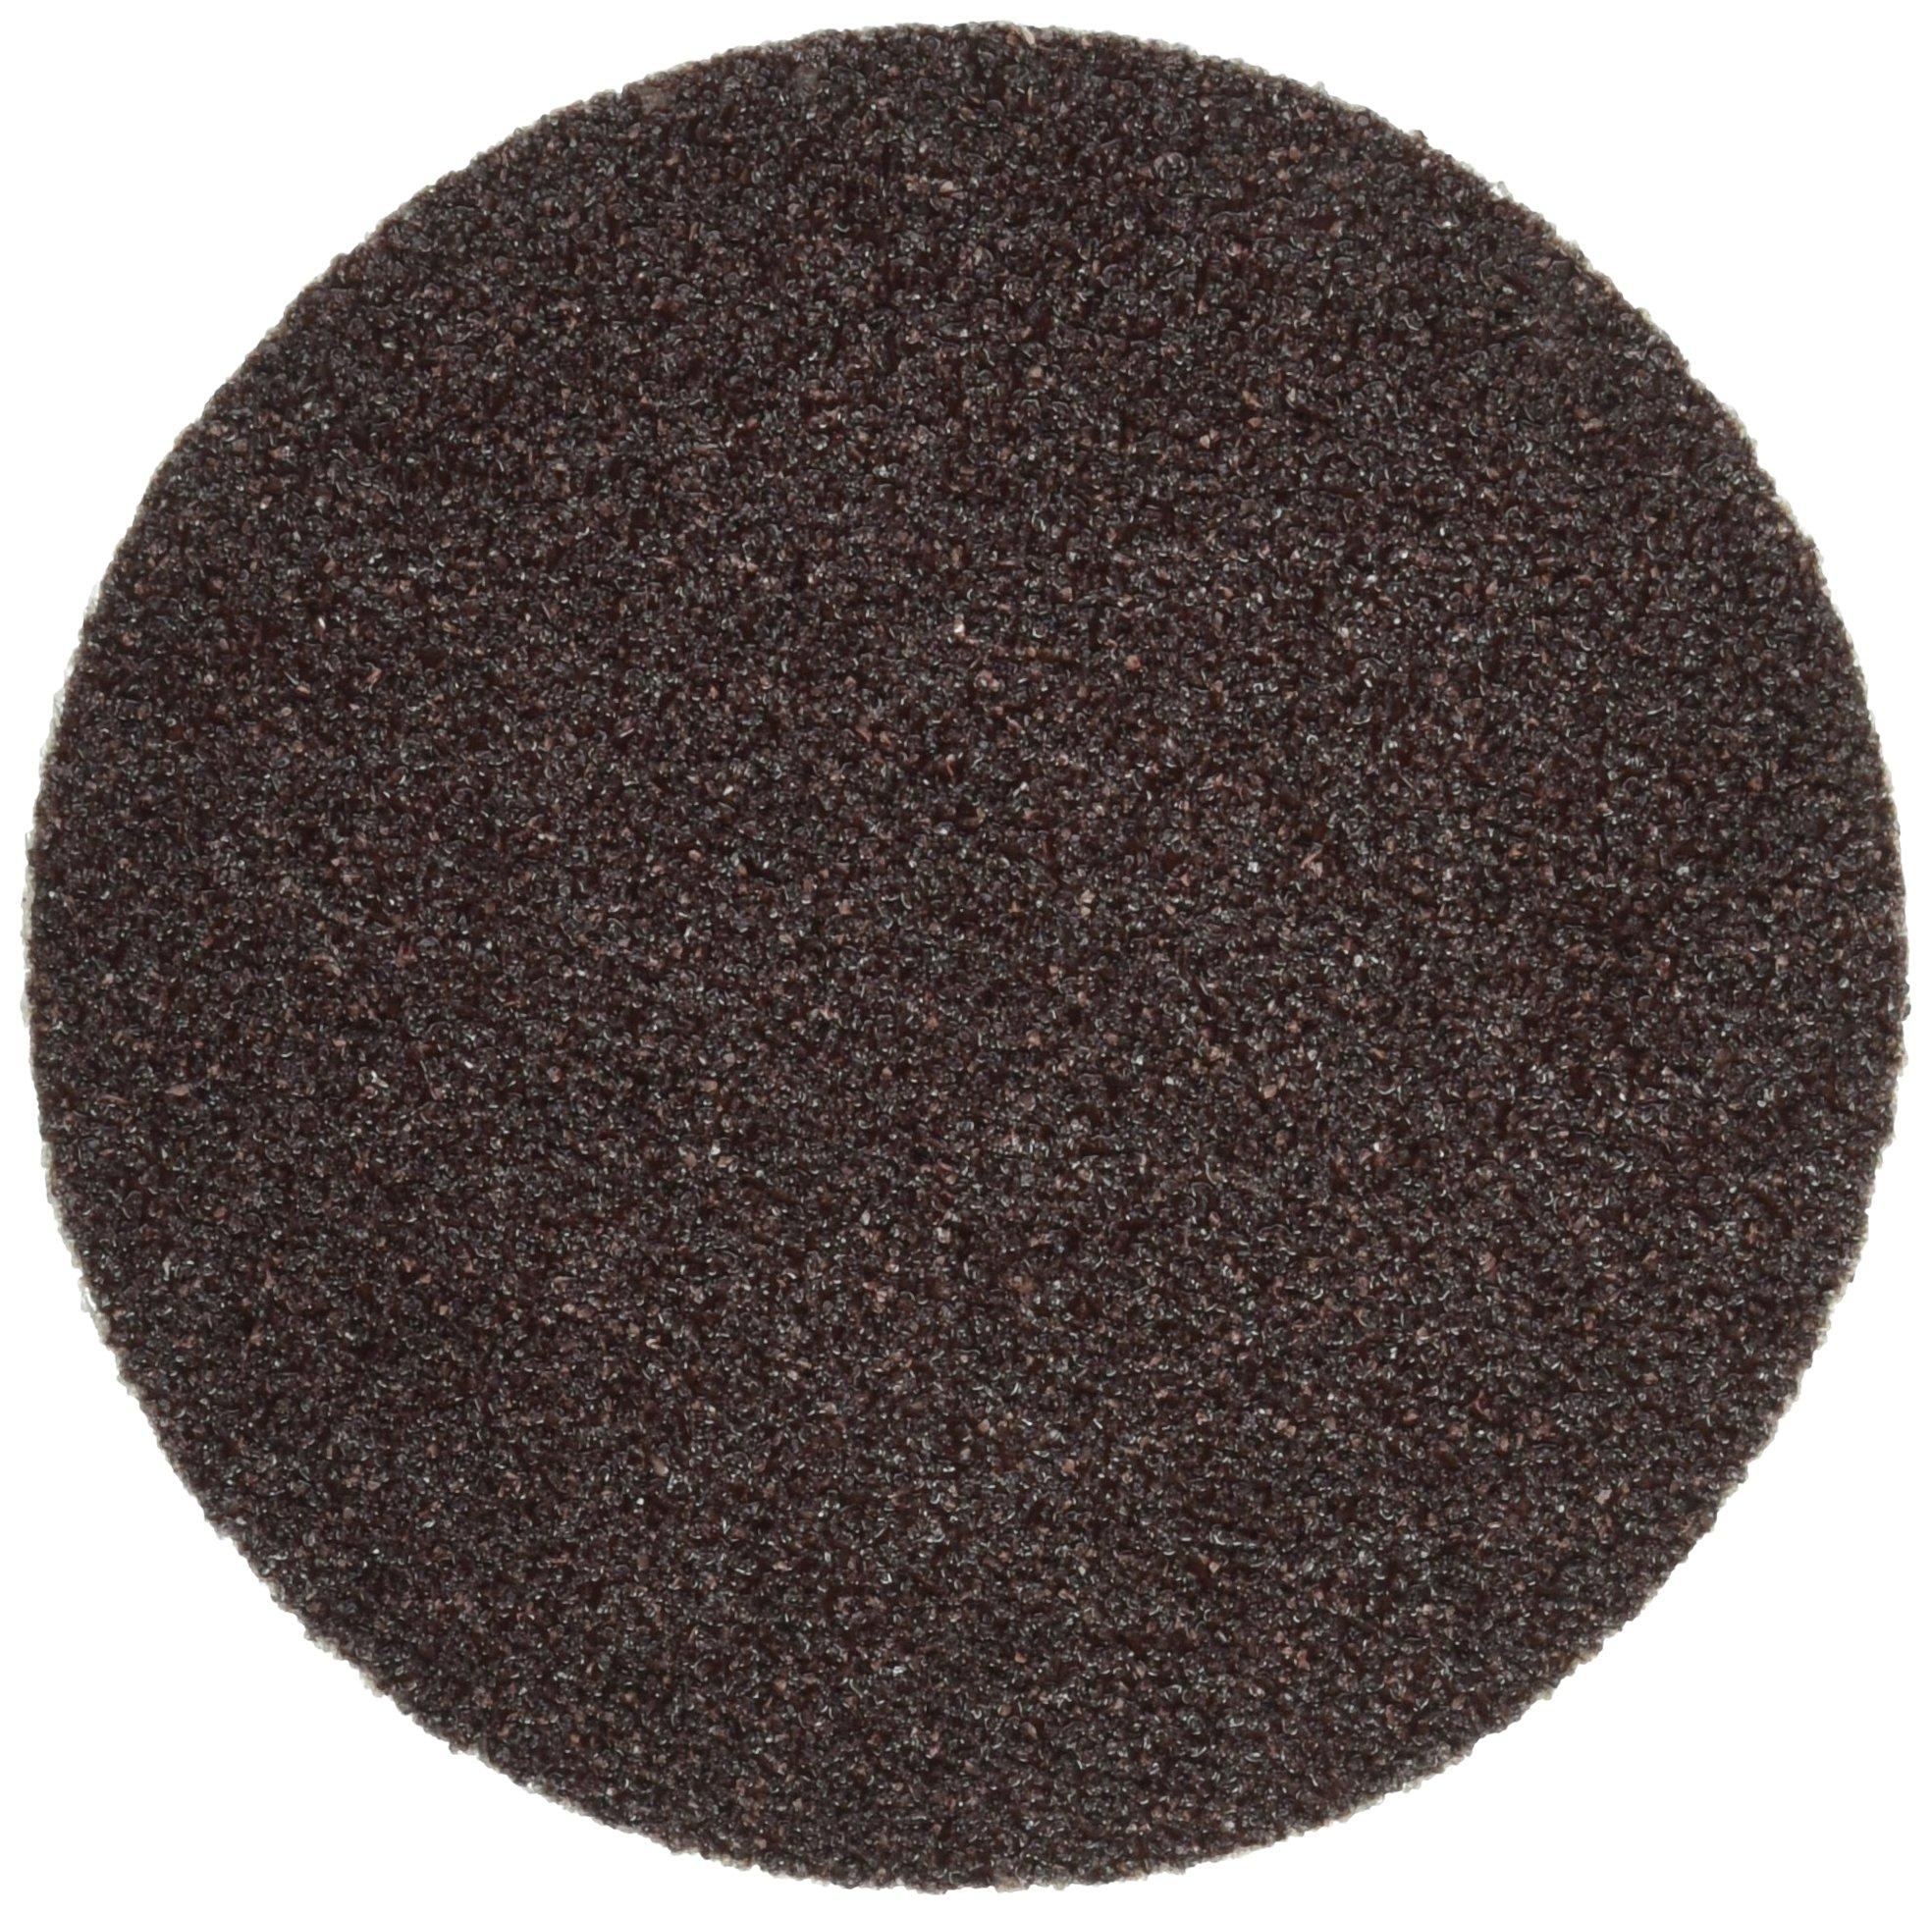 Festool 484152 P36 Grit, Saphir Abrasives, Pack of 25